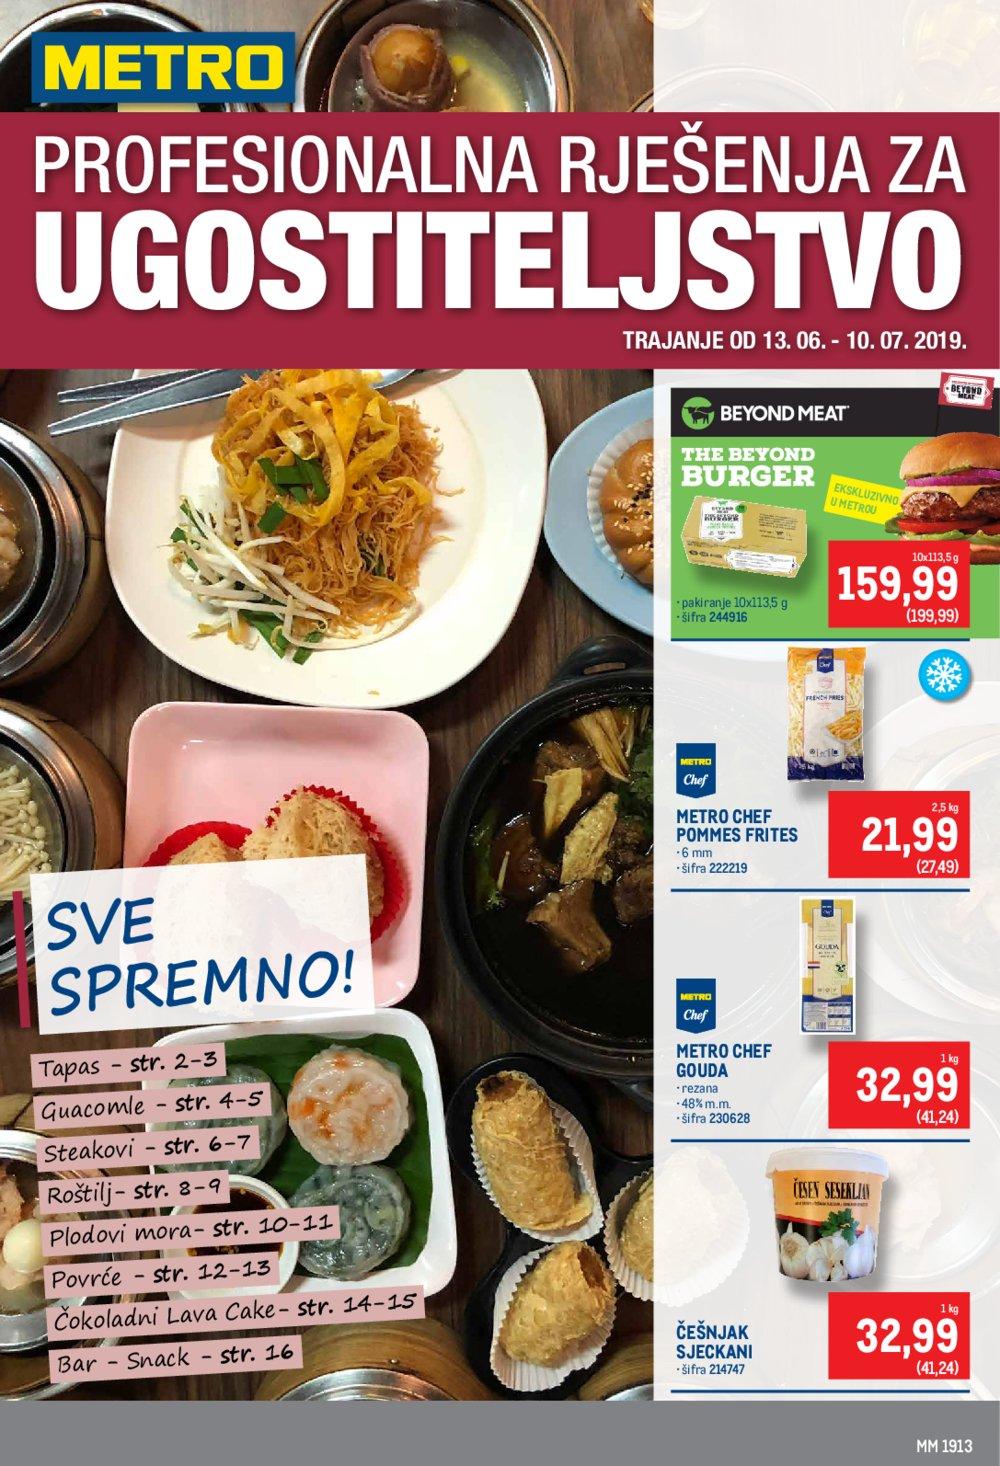 Metro katalog Ugostiteljstvo 13.06.-10.07.2019.